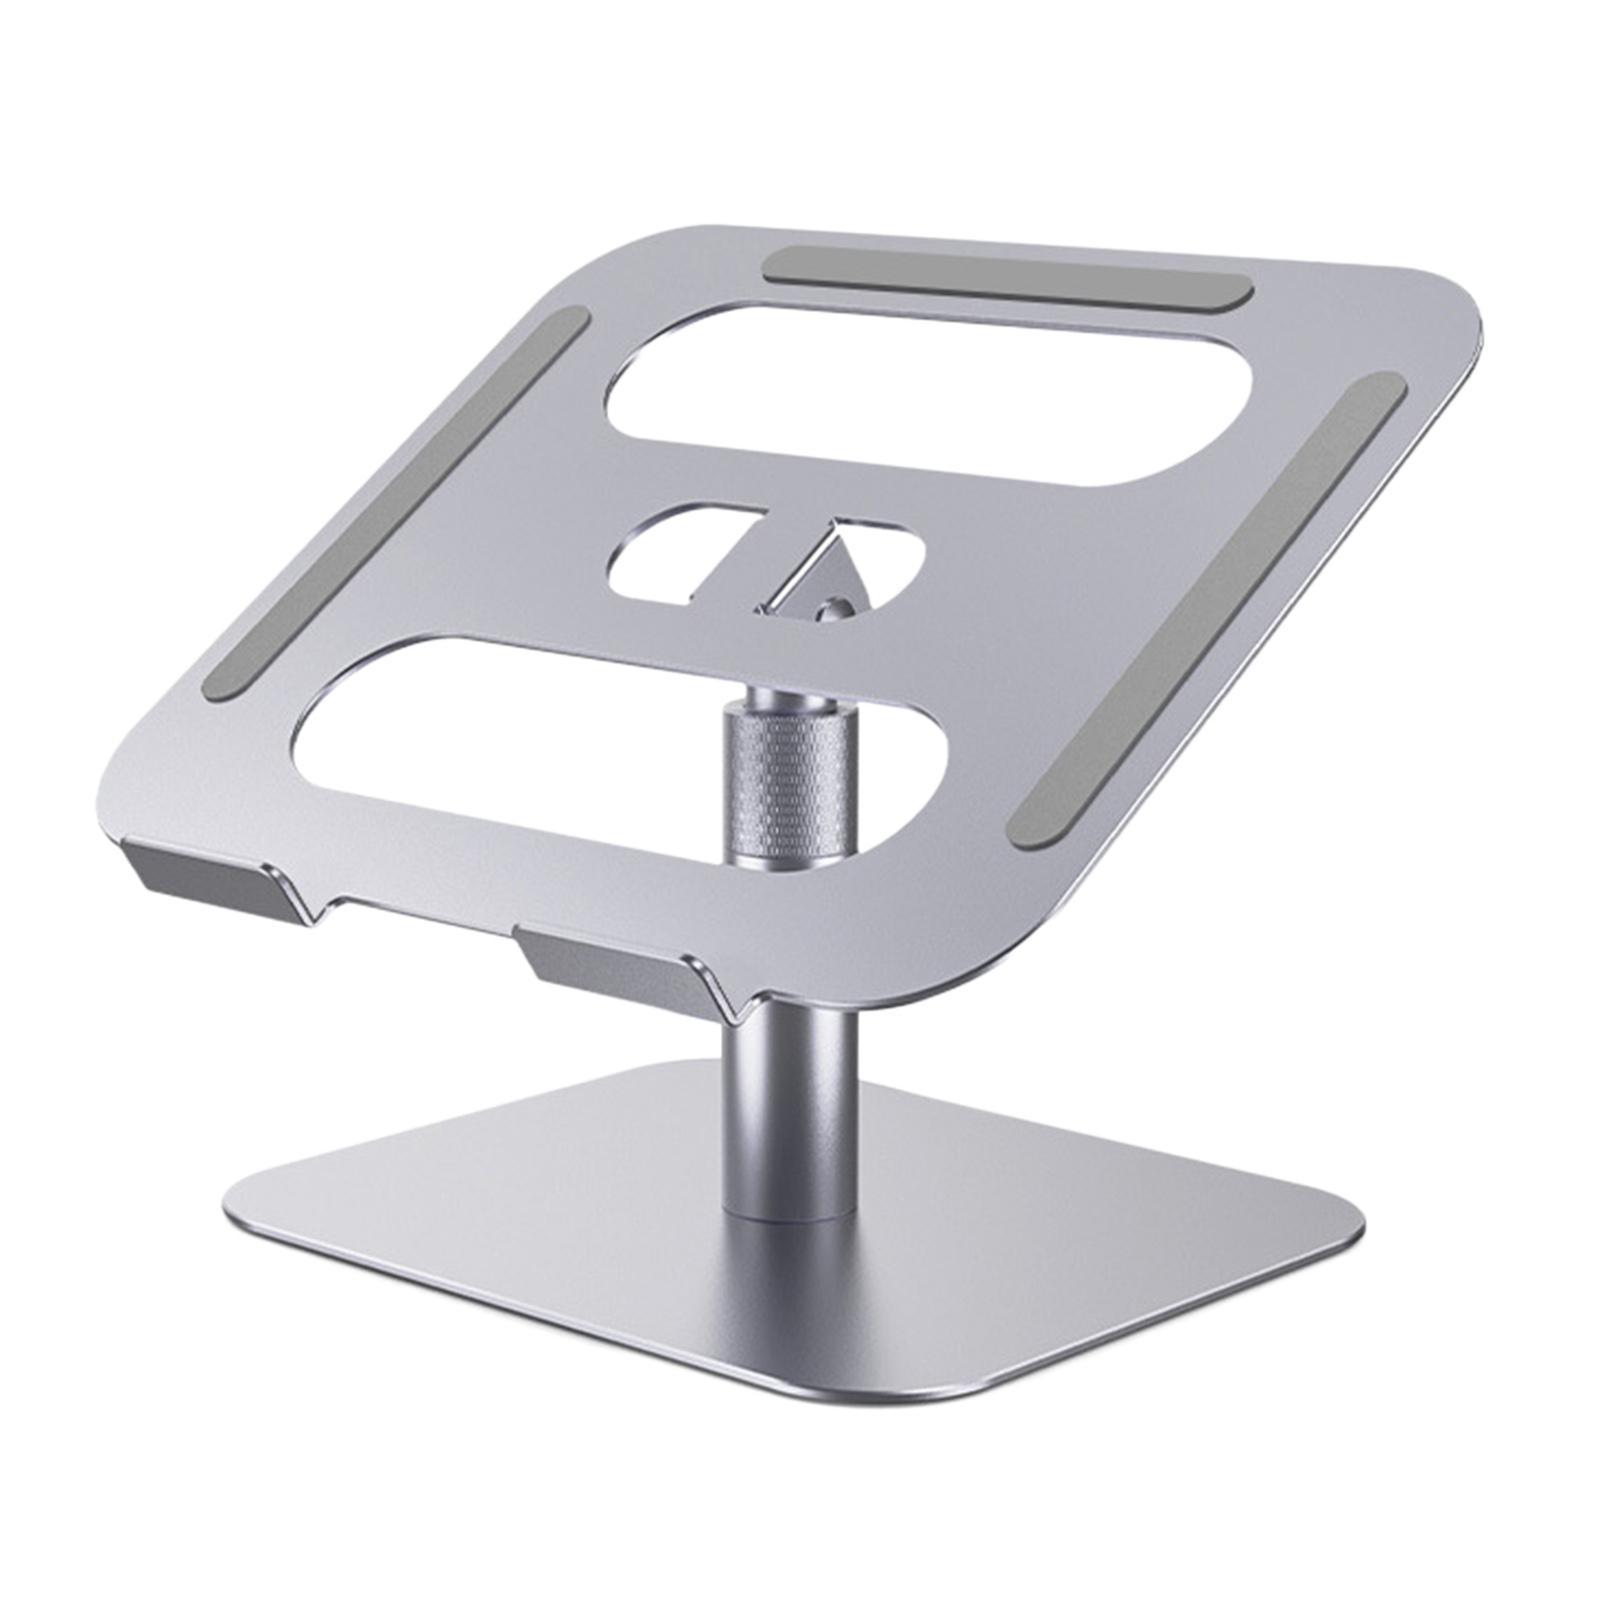 Indexbild 38 - Einstellbare Laptop Stand Halterung Portable Desktop PC Halter für Büro